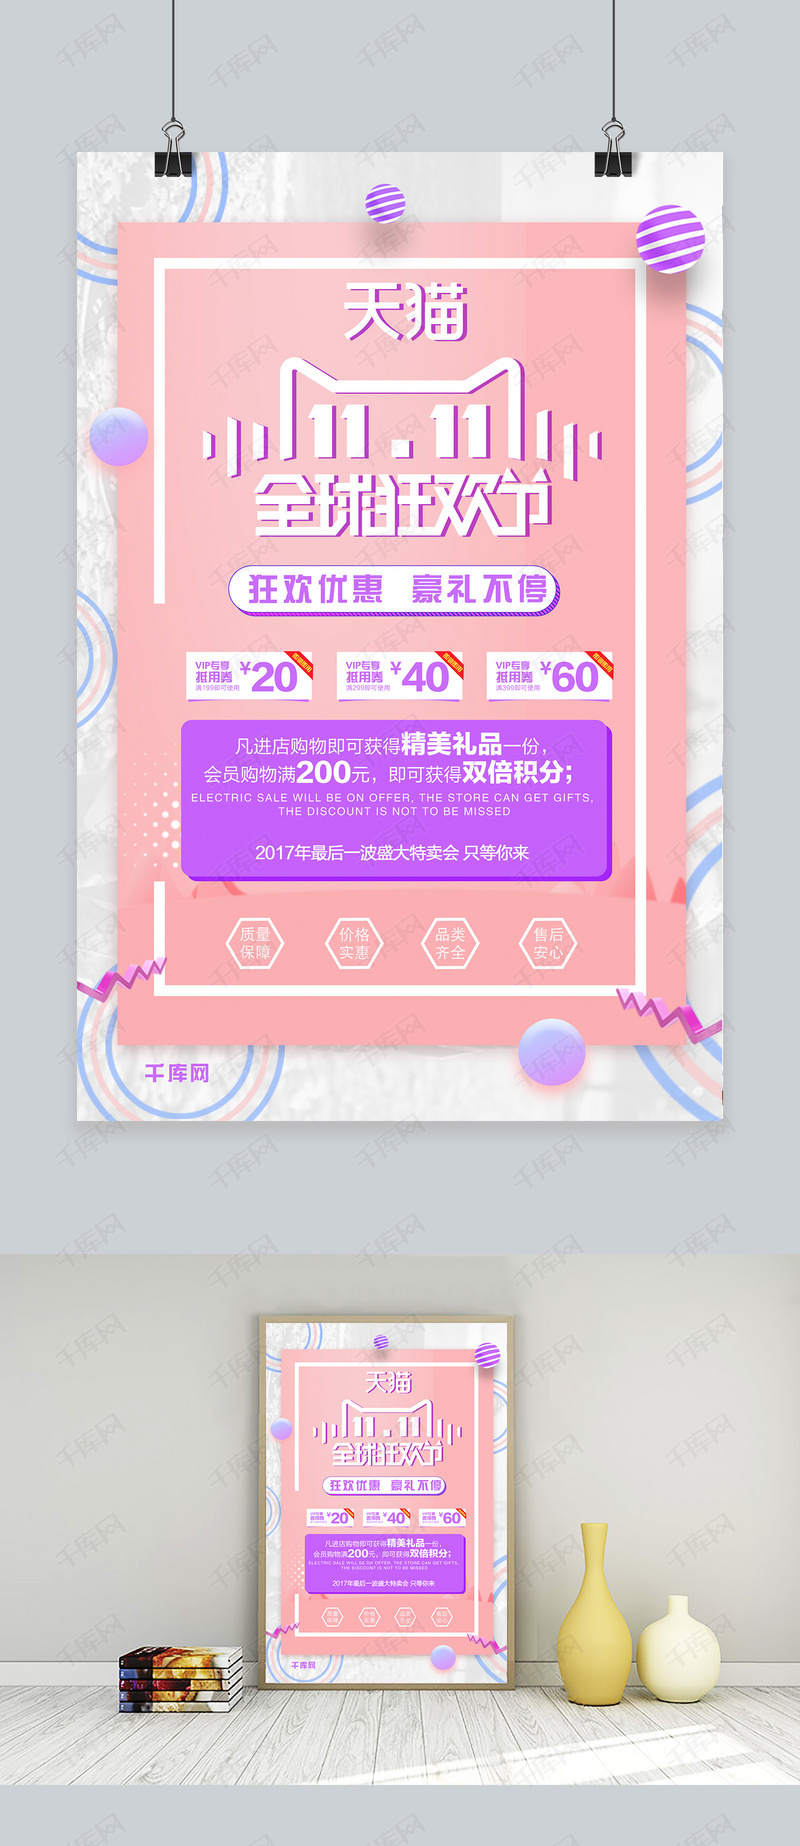 天猫双十一全球狂欢节简约海报